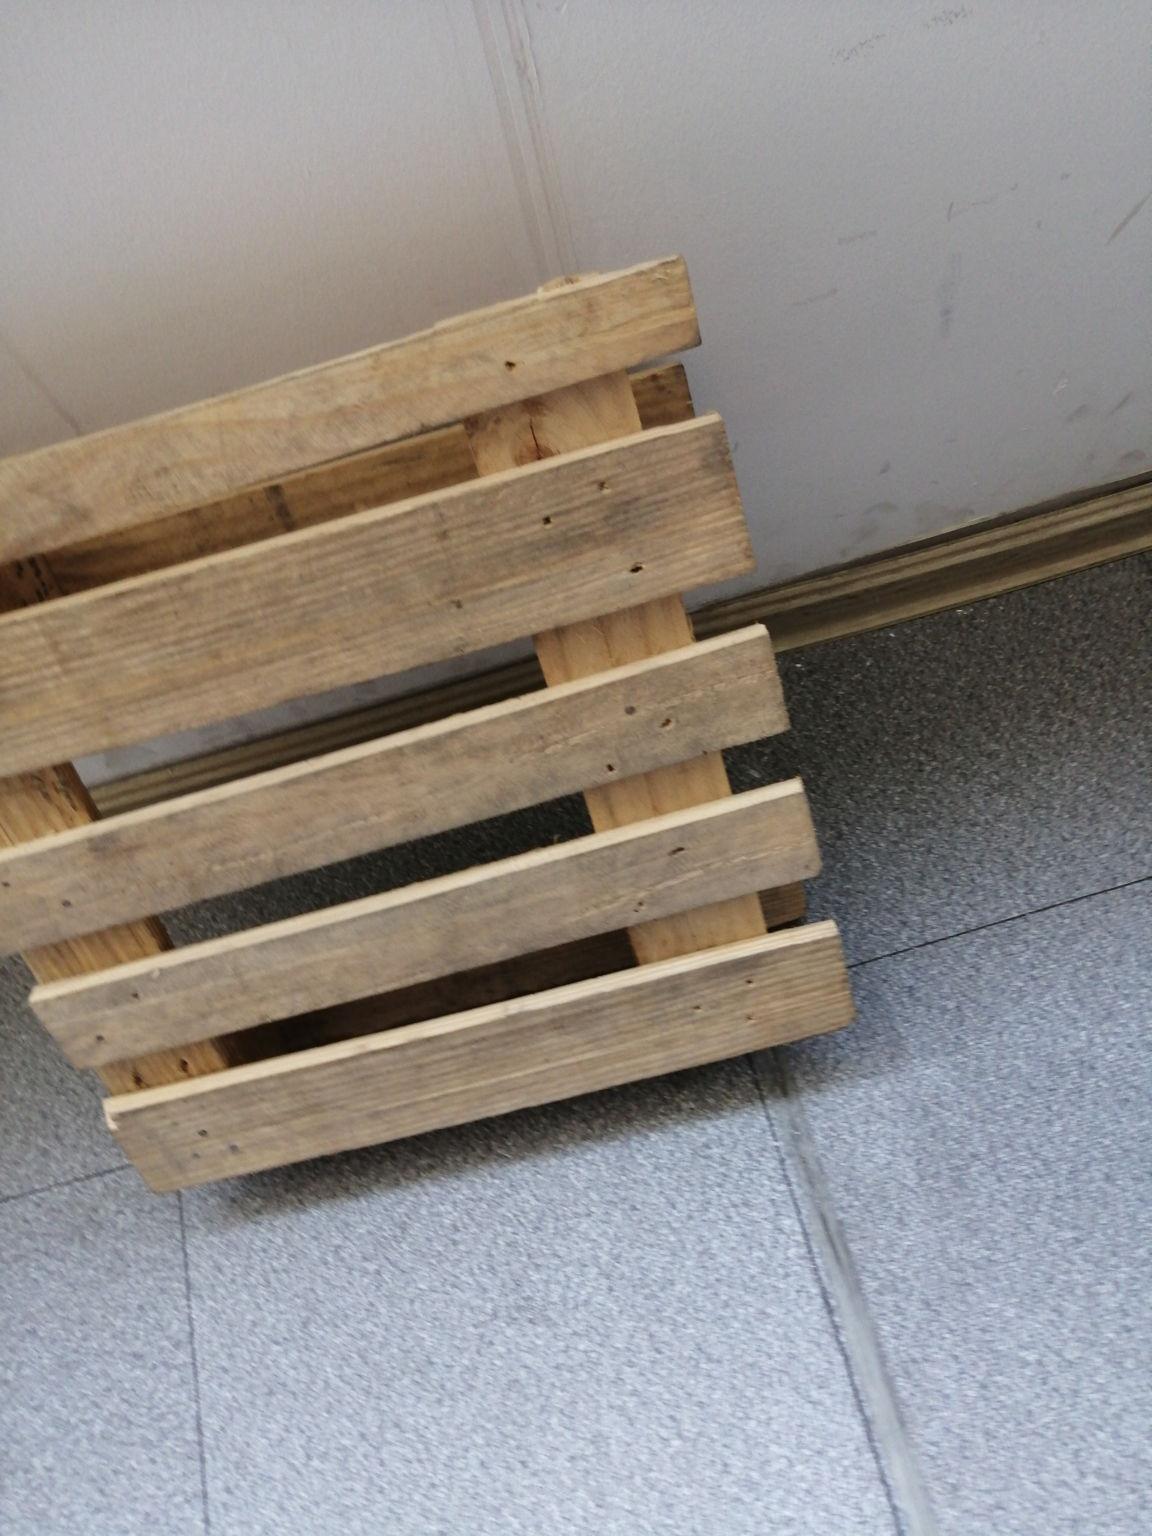 嘉兴专门方形木托盘生产商好像是杭州元源木托盘